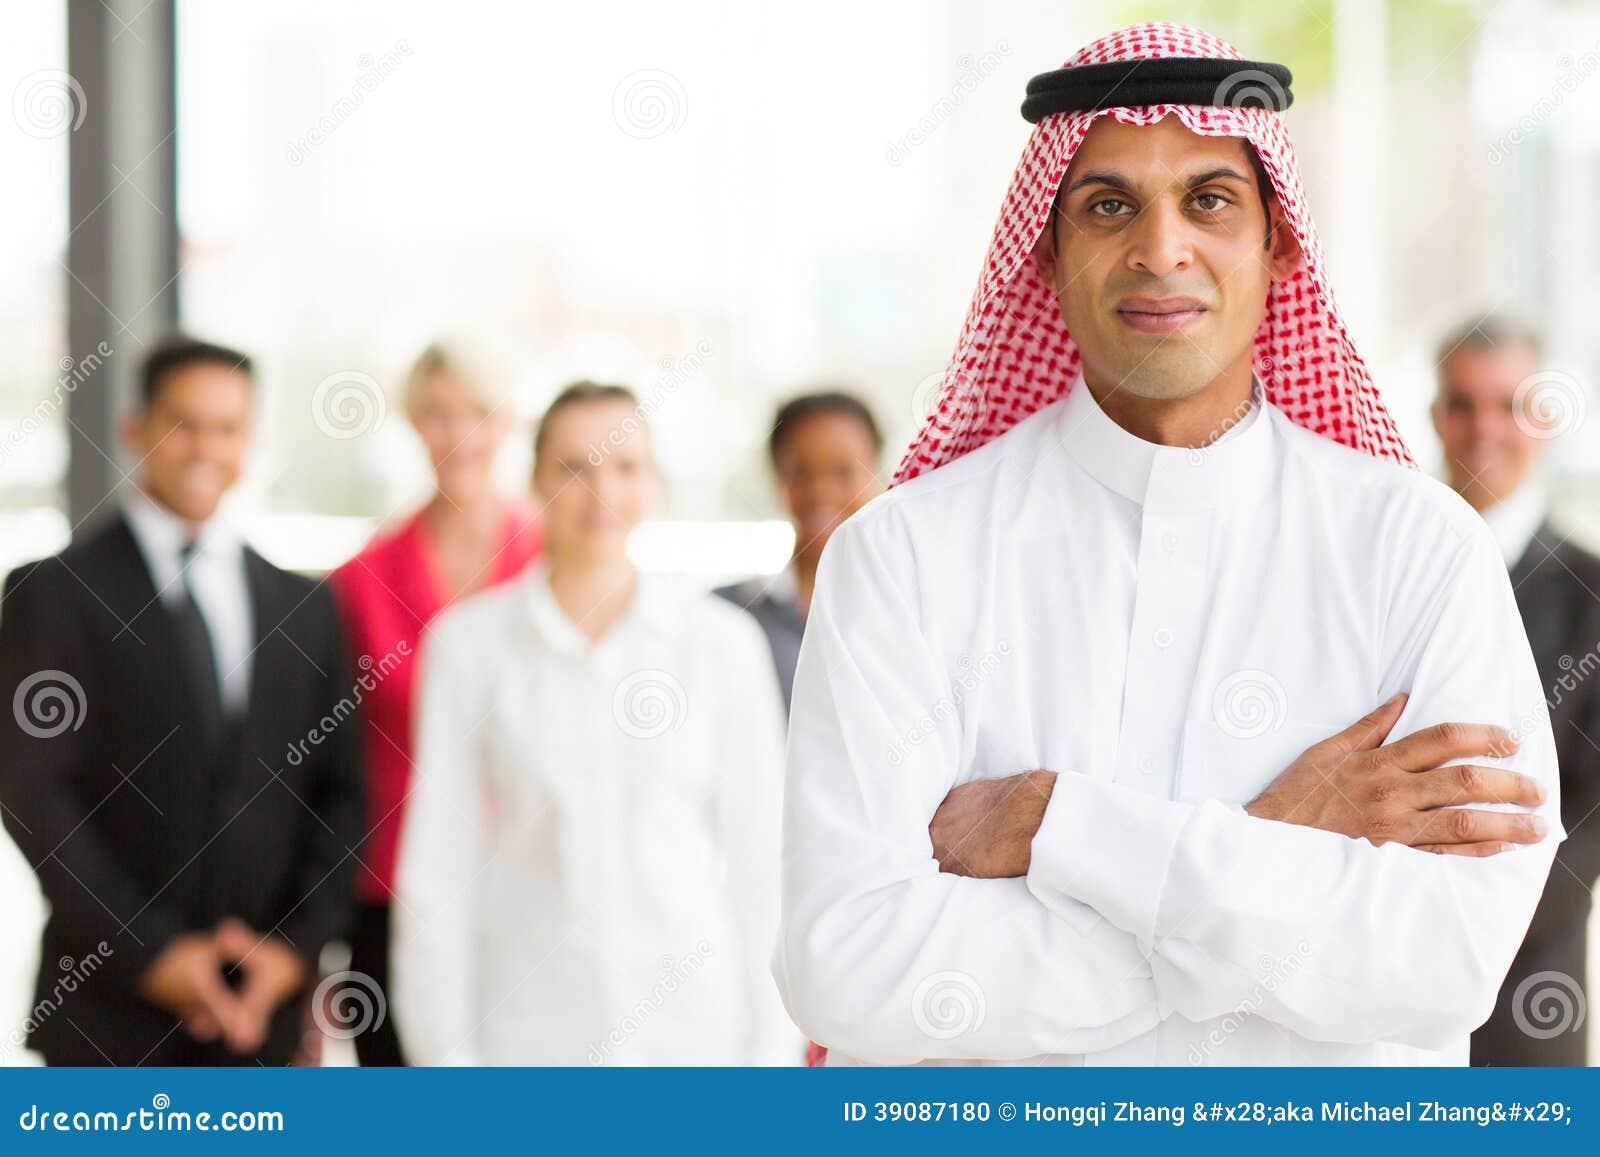 Hombres Musulmanes Solteros Una Noche Sexo Gerona-58892